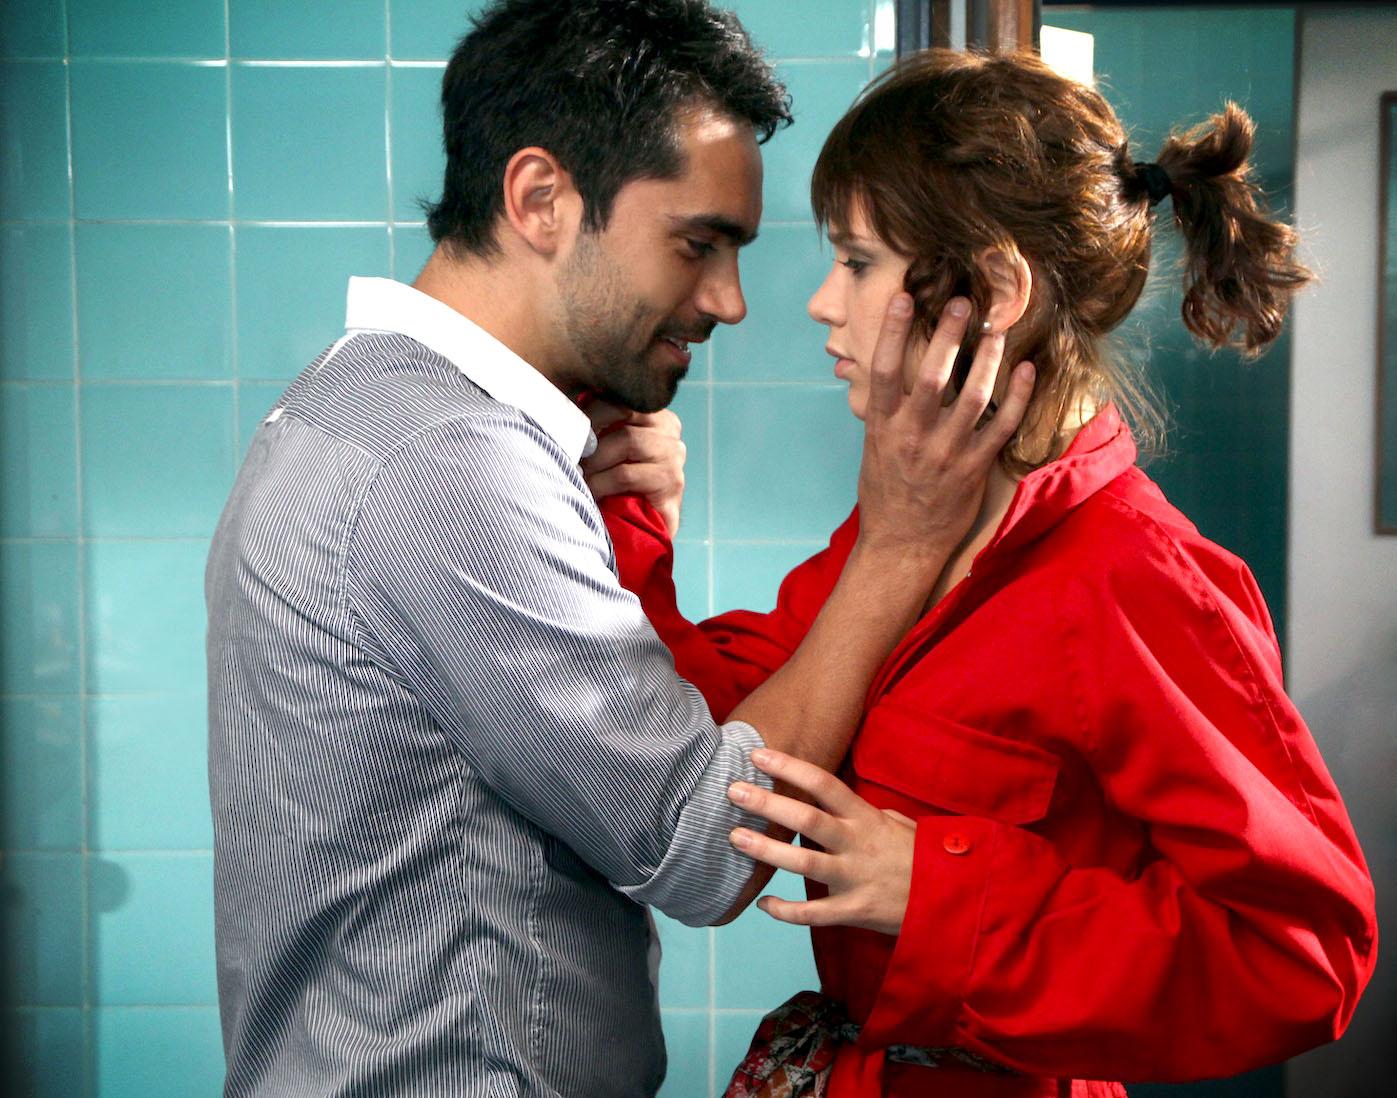 http://capitulodenovelas.files.wordpress.com/2011/12/telenovela-lobo-gonzalo-heredia-7.jpg